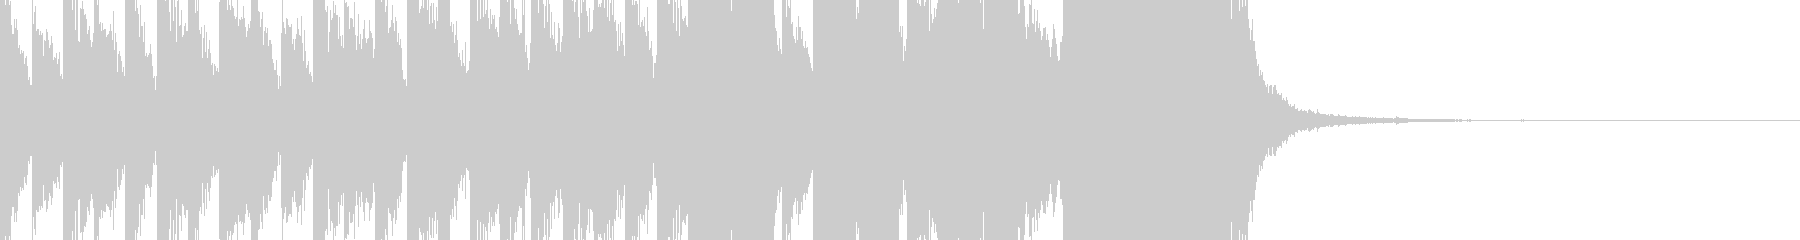 シンキングタイム:重厚なテクノ10秒の未再生の波形